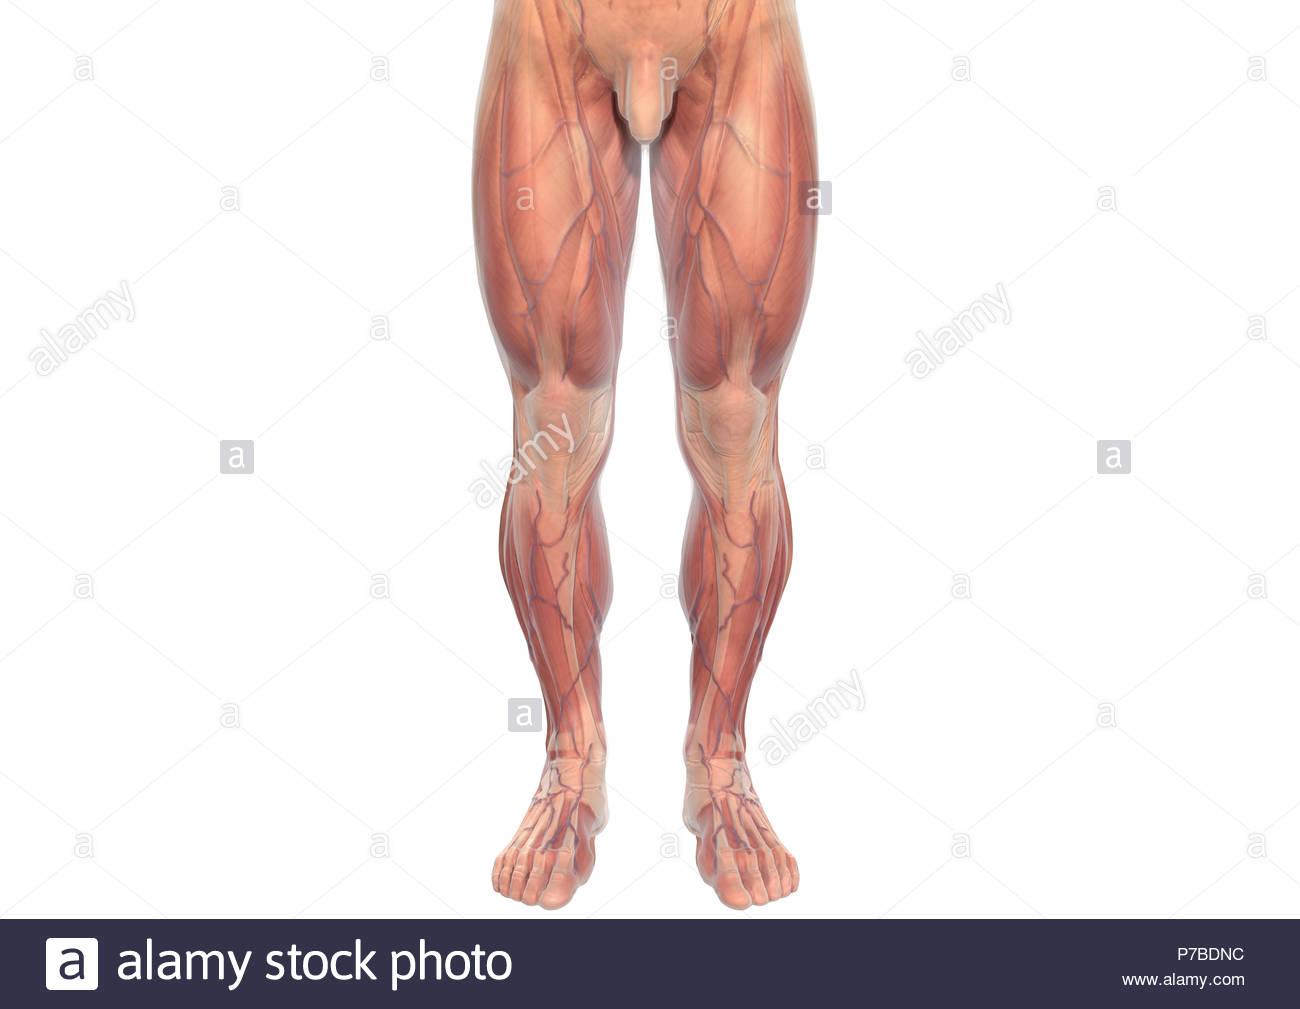 Ziemlich Beinmuskel Anatomie Diagramm Zeitgenössisch - Menschliche ...